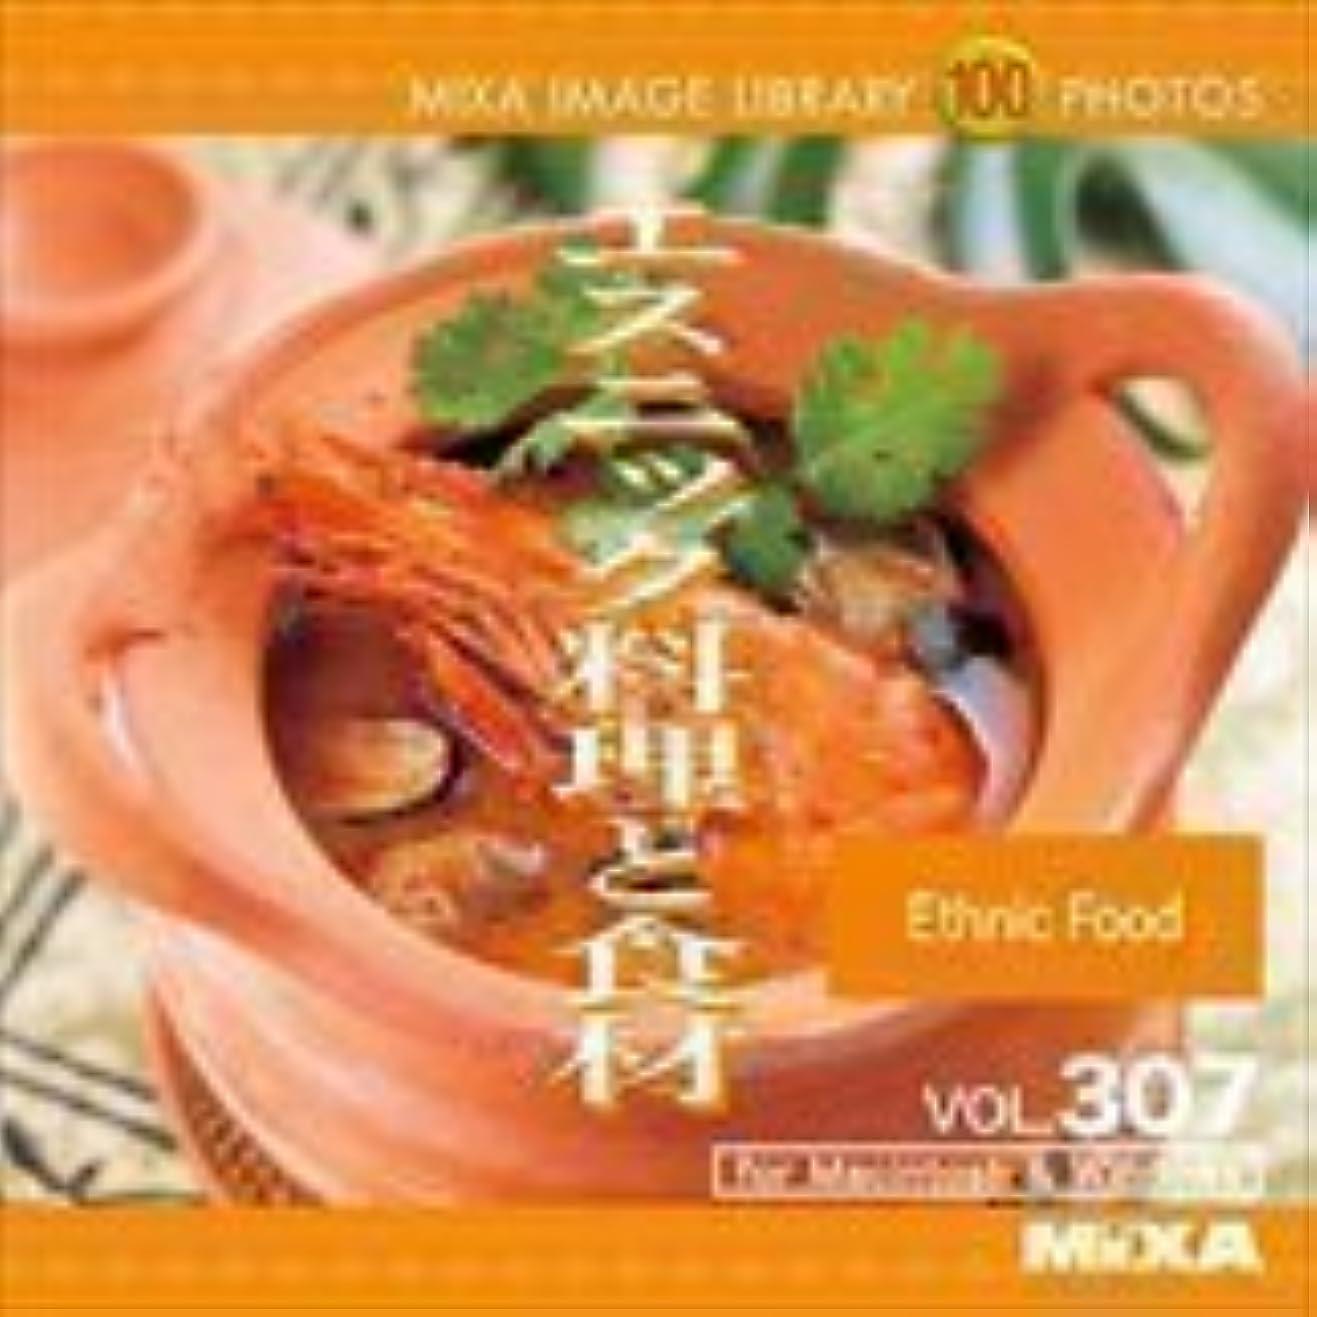 資本つまずく影響するMIXA IMAGE LIBRARY Vol.307 エスニック料理と食材